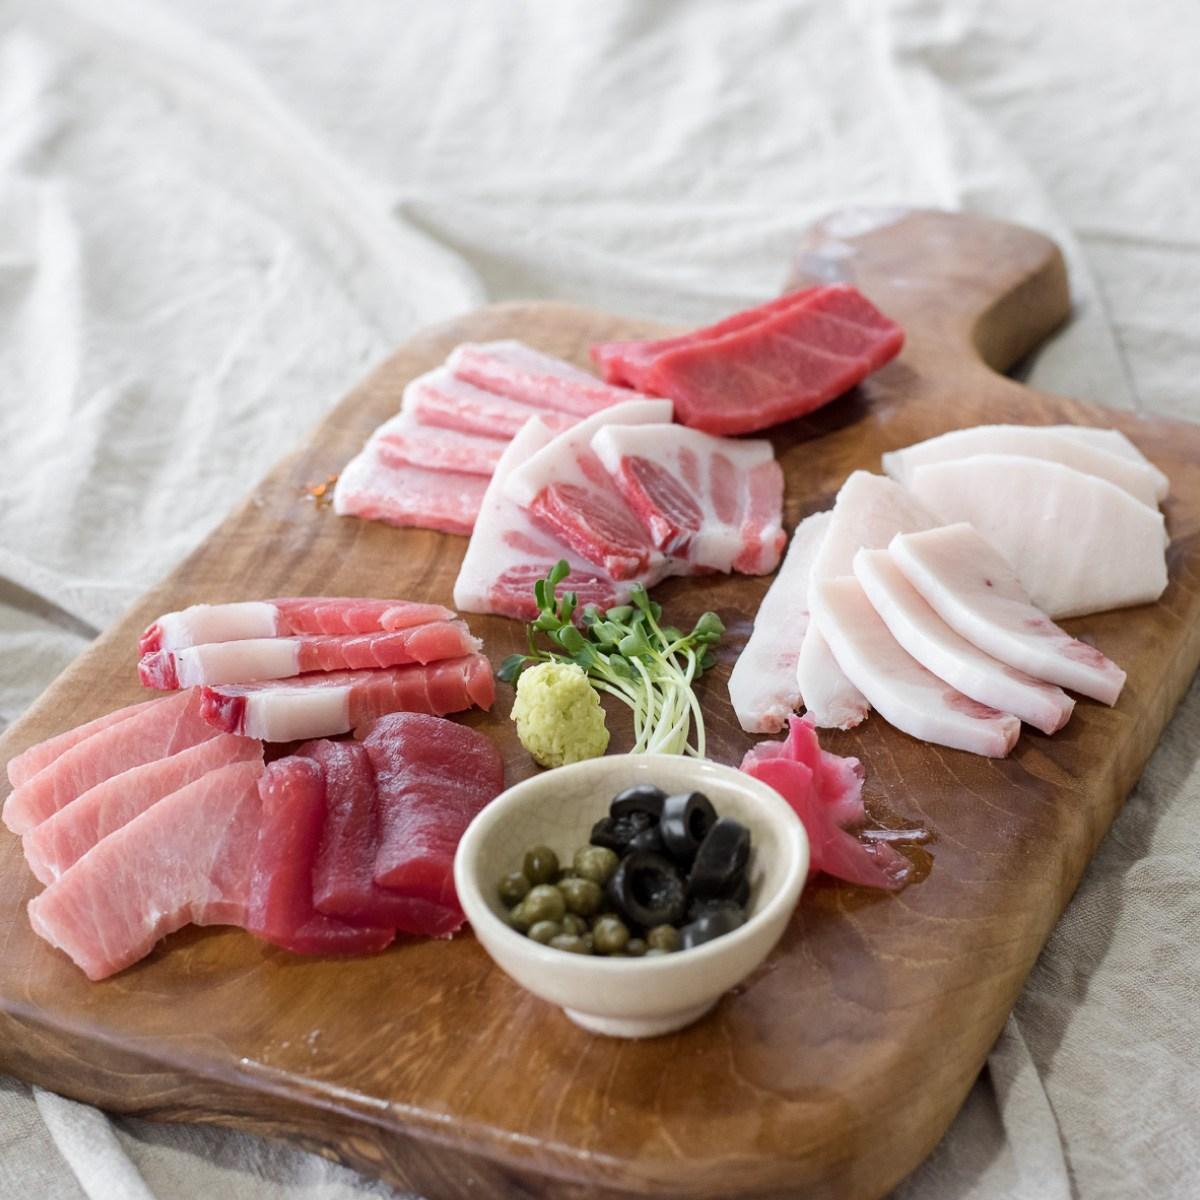 참치브라더 바로먹는 사시미형 고급세트 참치회, 1세트, 부부세트 (2~3인)